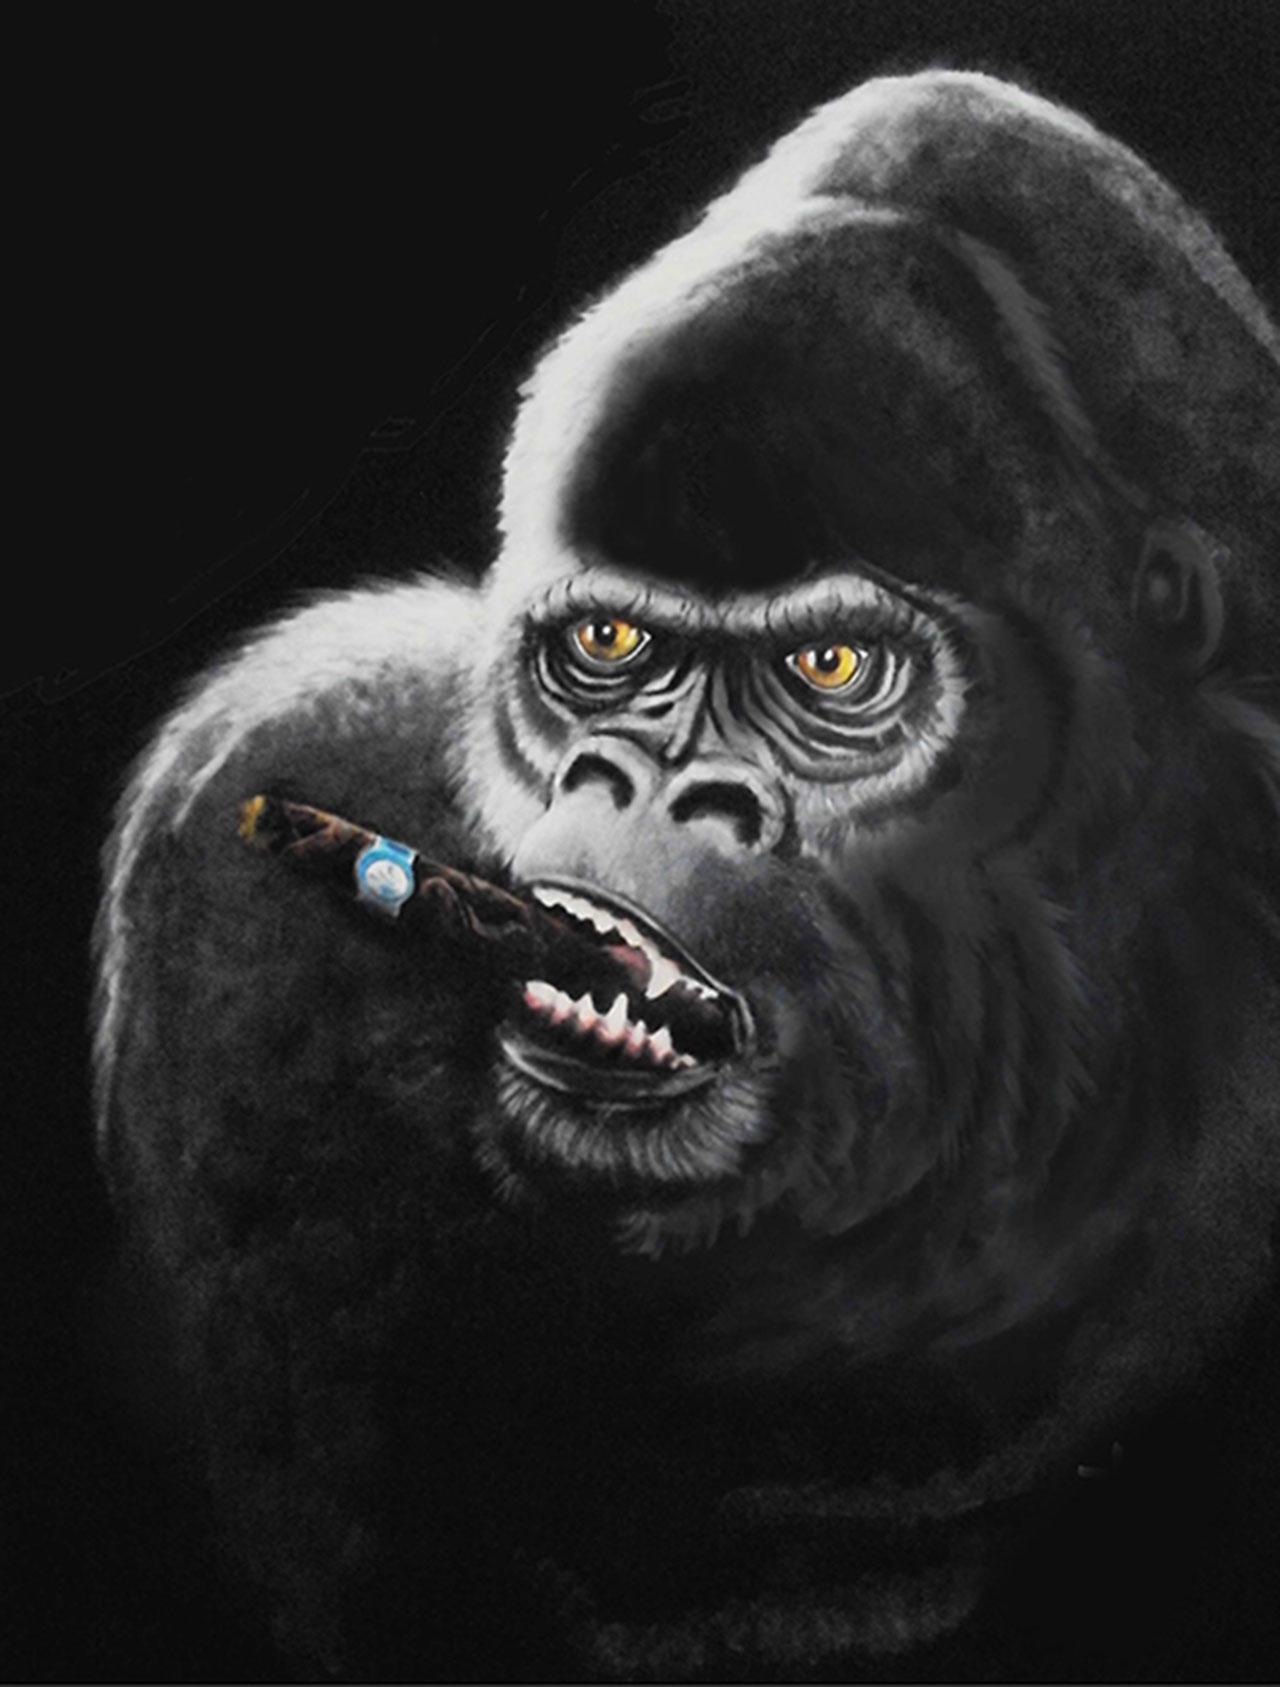 cigar-gorilla